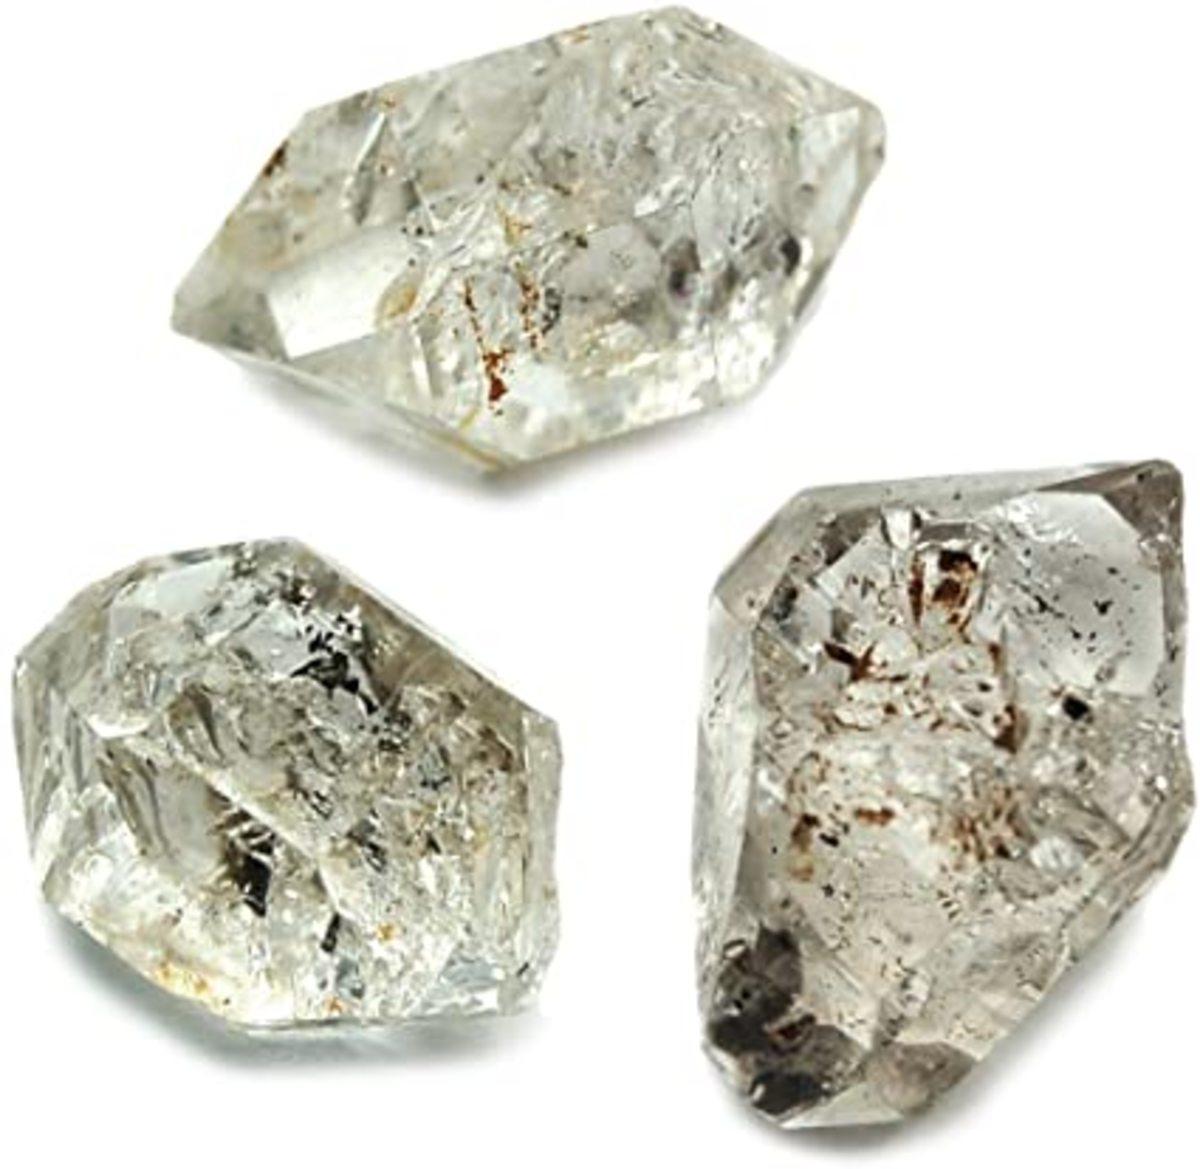 Top 5 Benefits of Herkimer Diamond